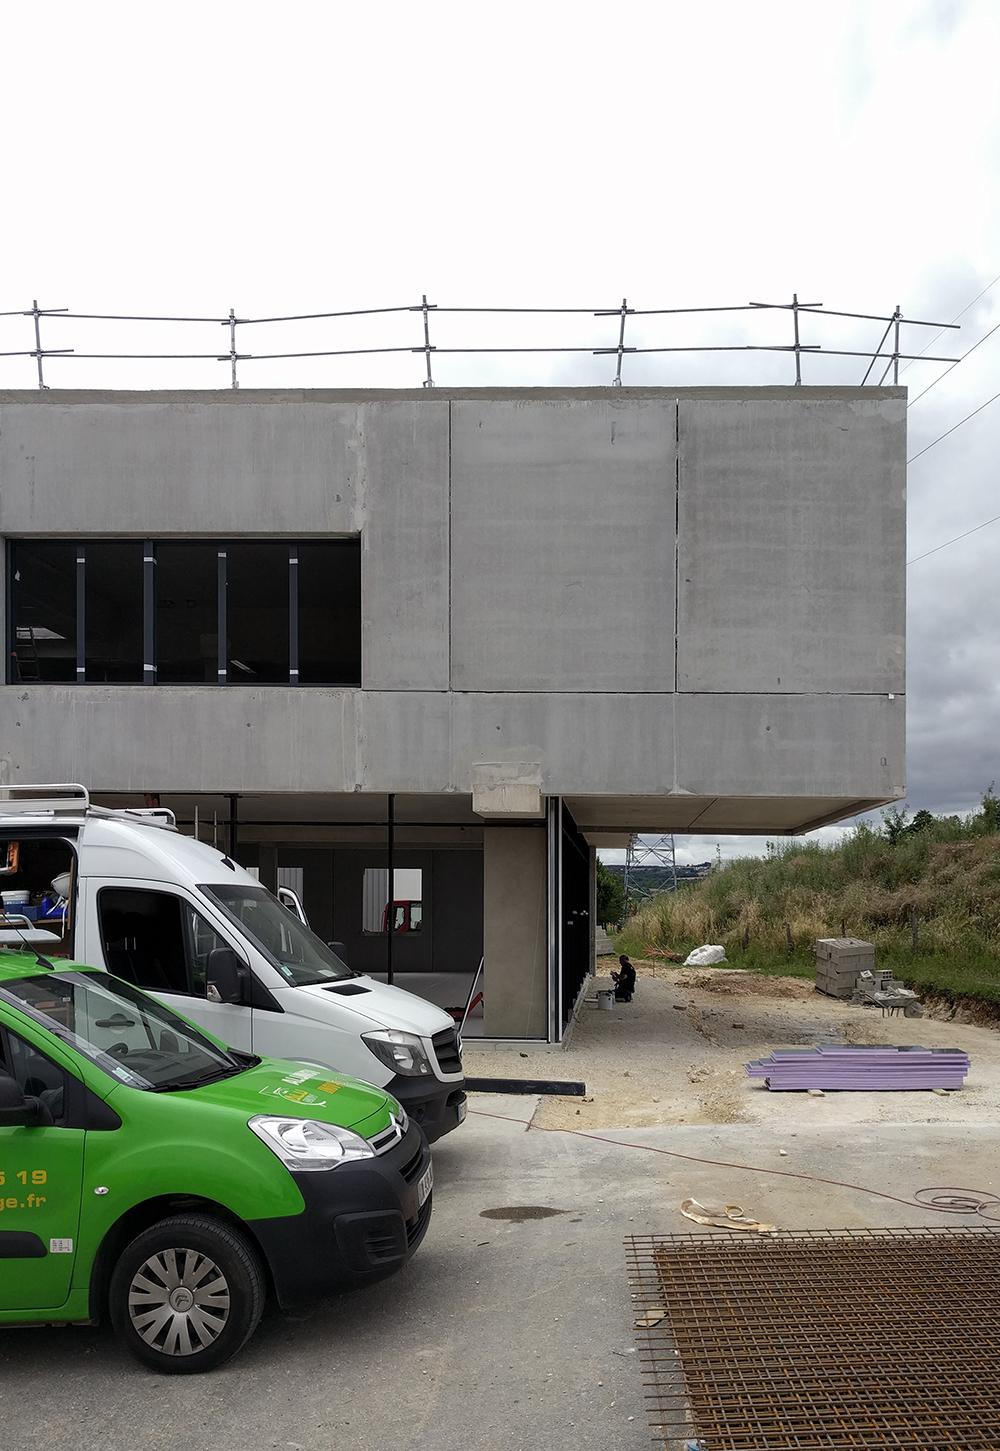 Chouette-architecture-CFAI-1000-5